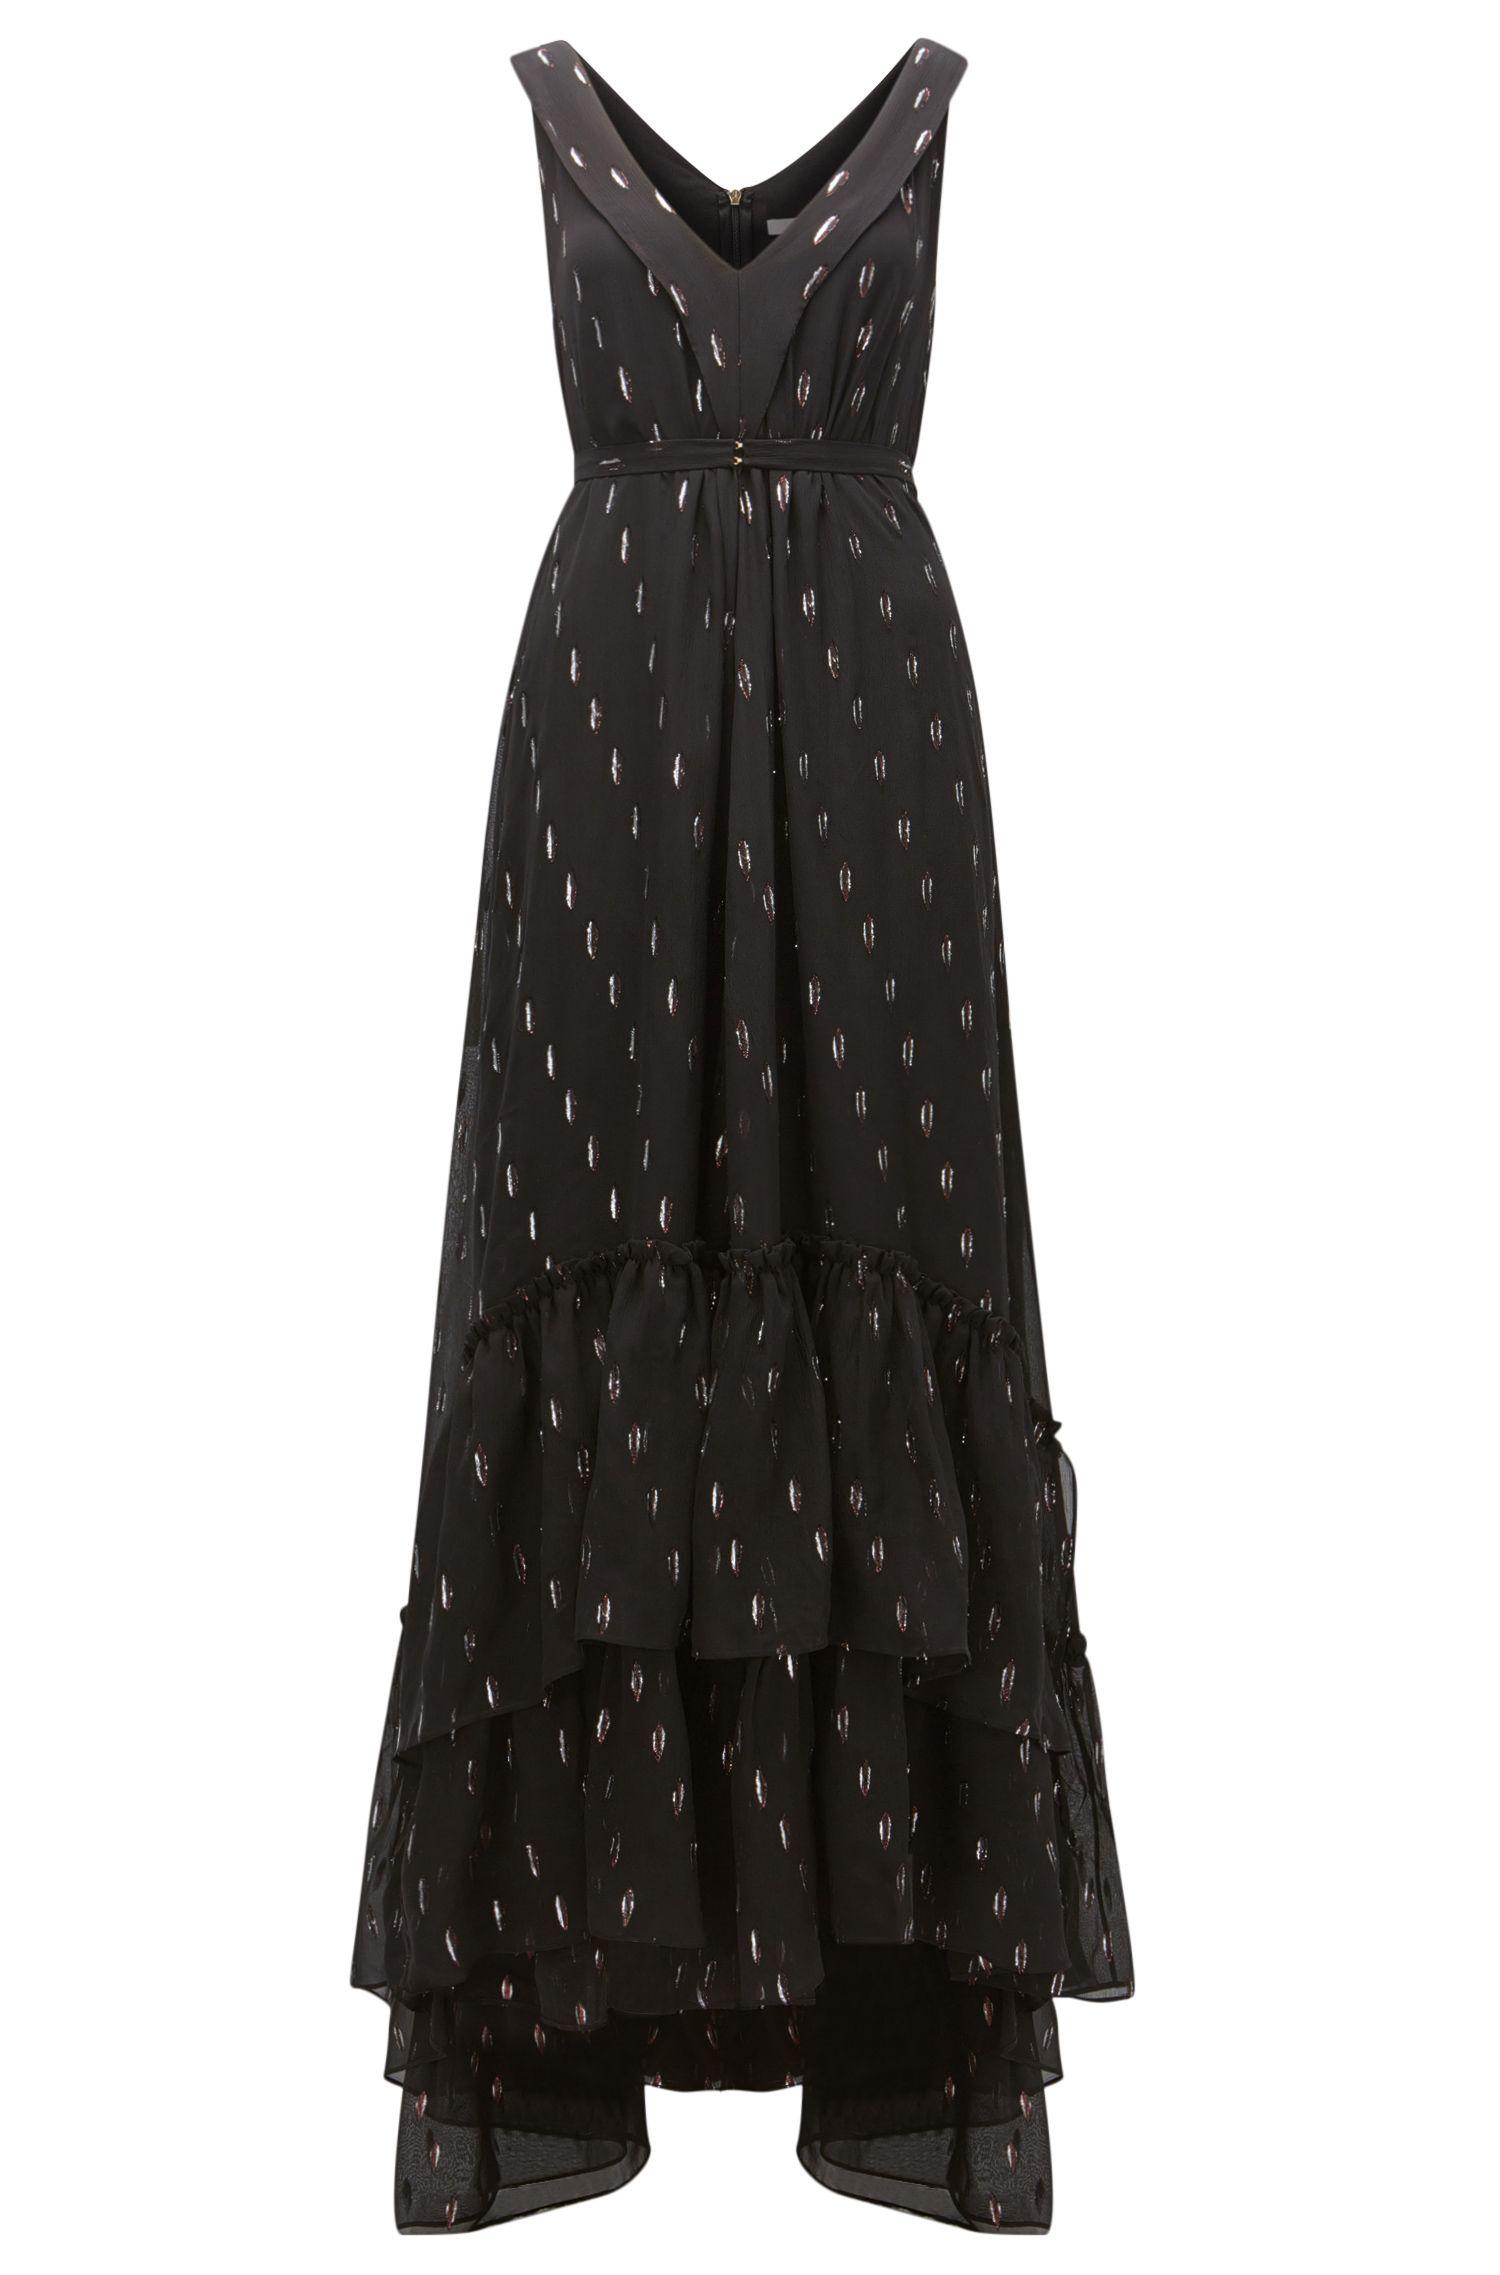 Metallized Silk Dress | Davimea